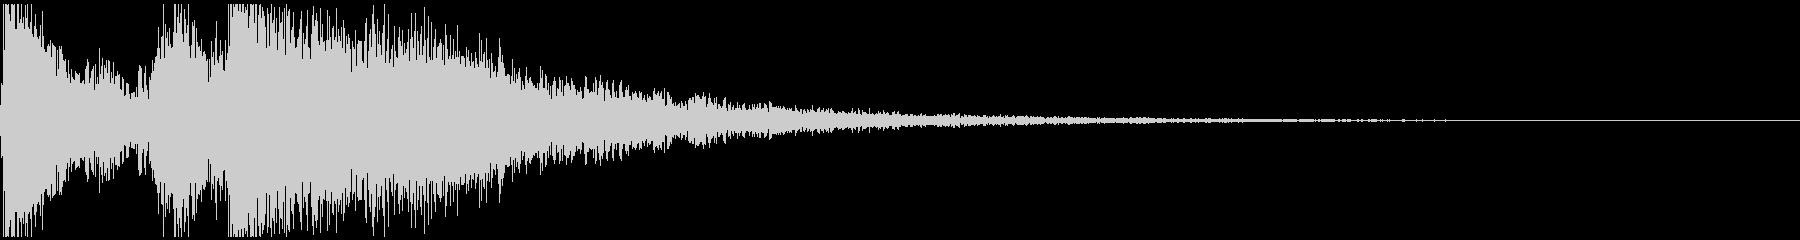 「テッテテー!」王道ファンファーレの未再生の波形